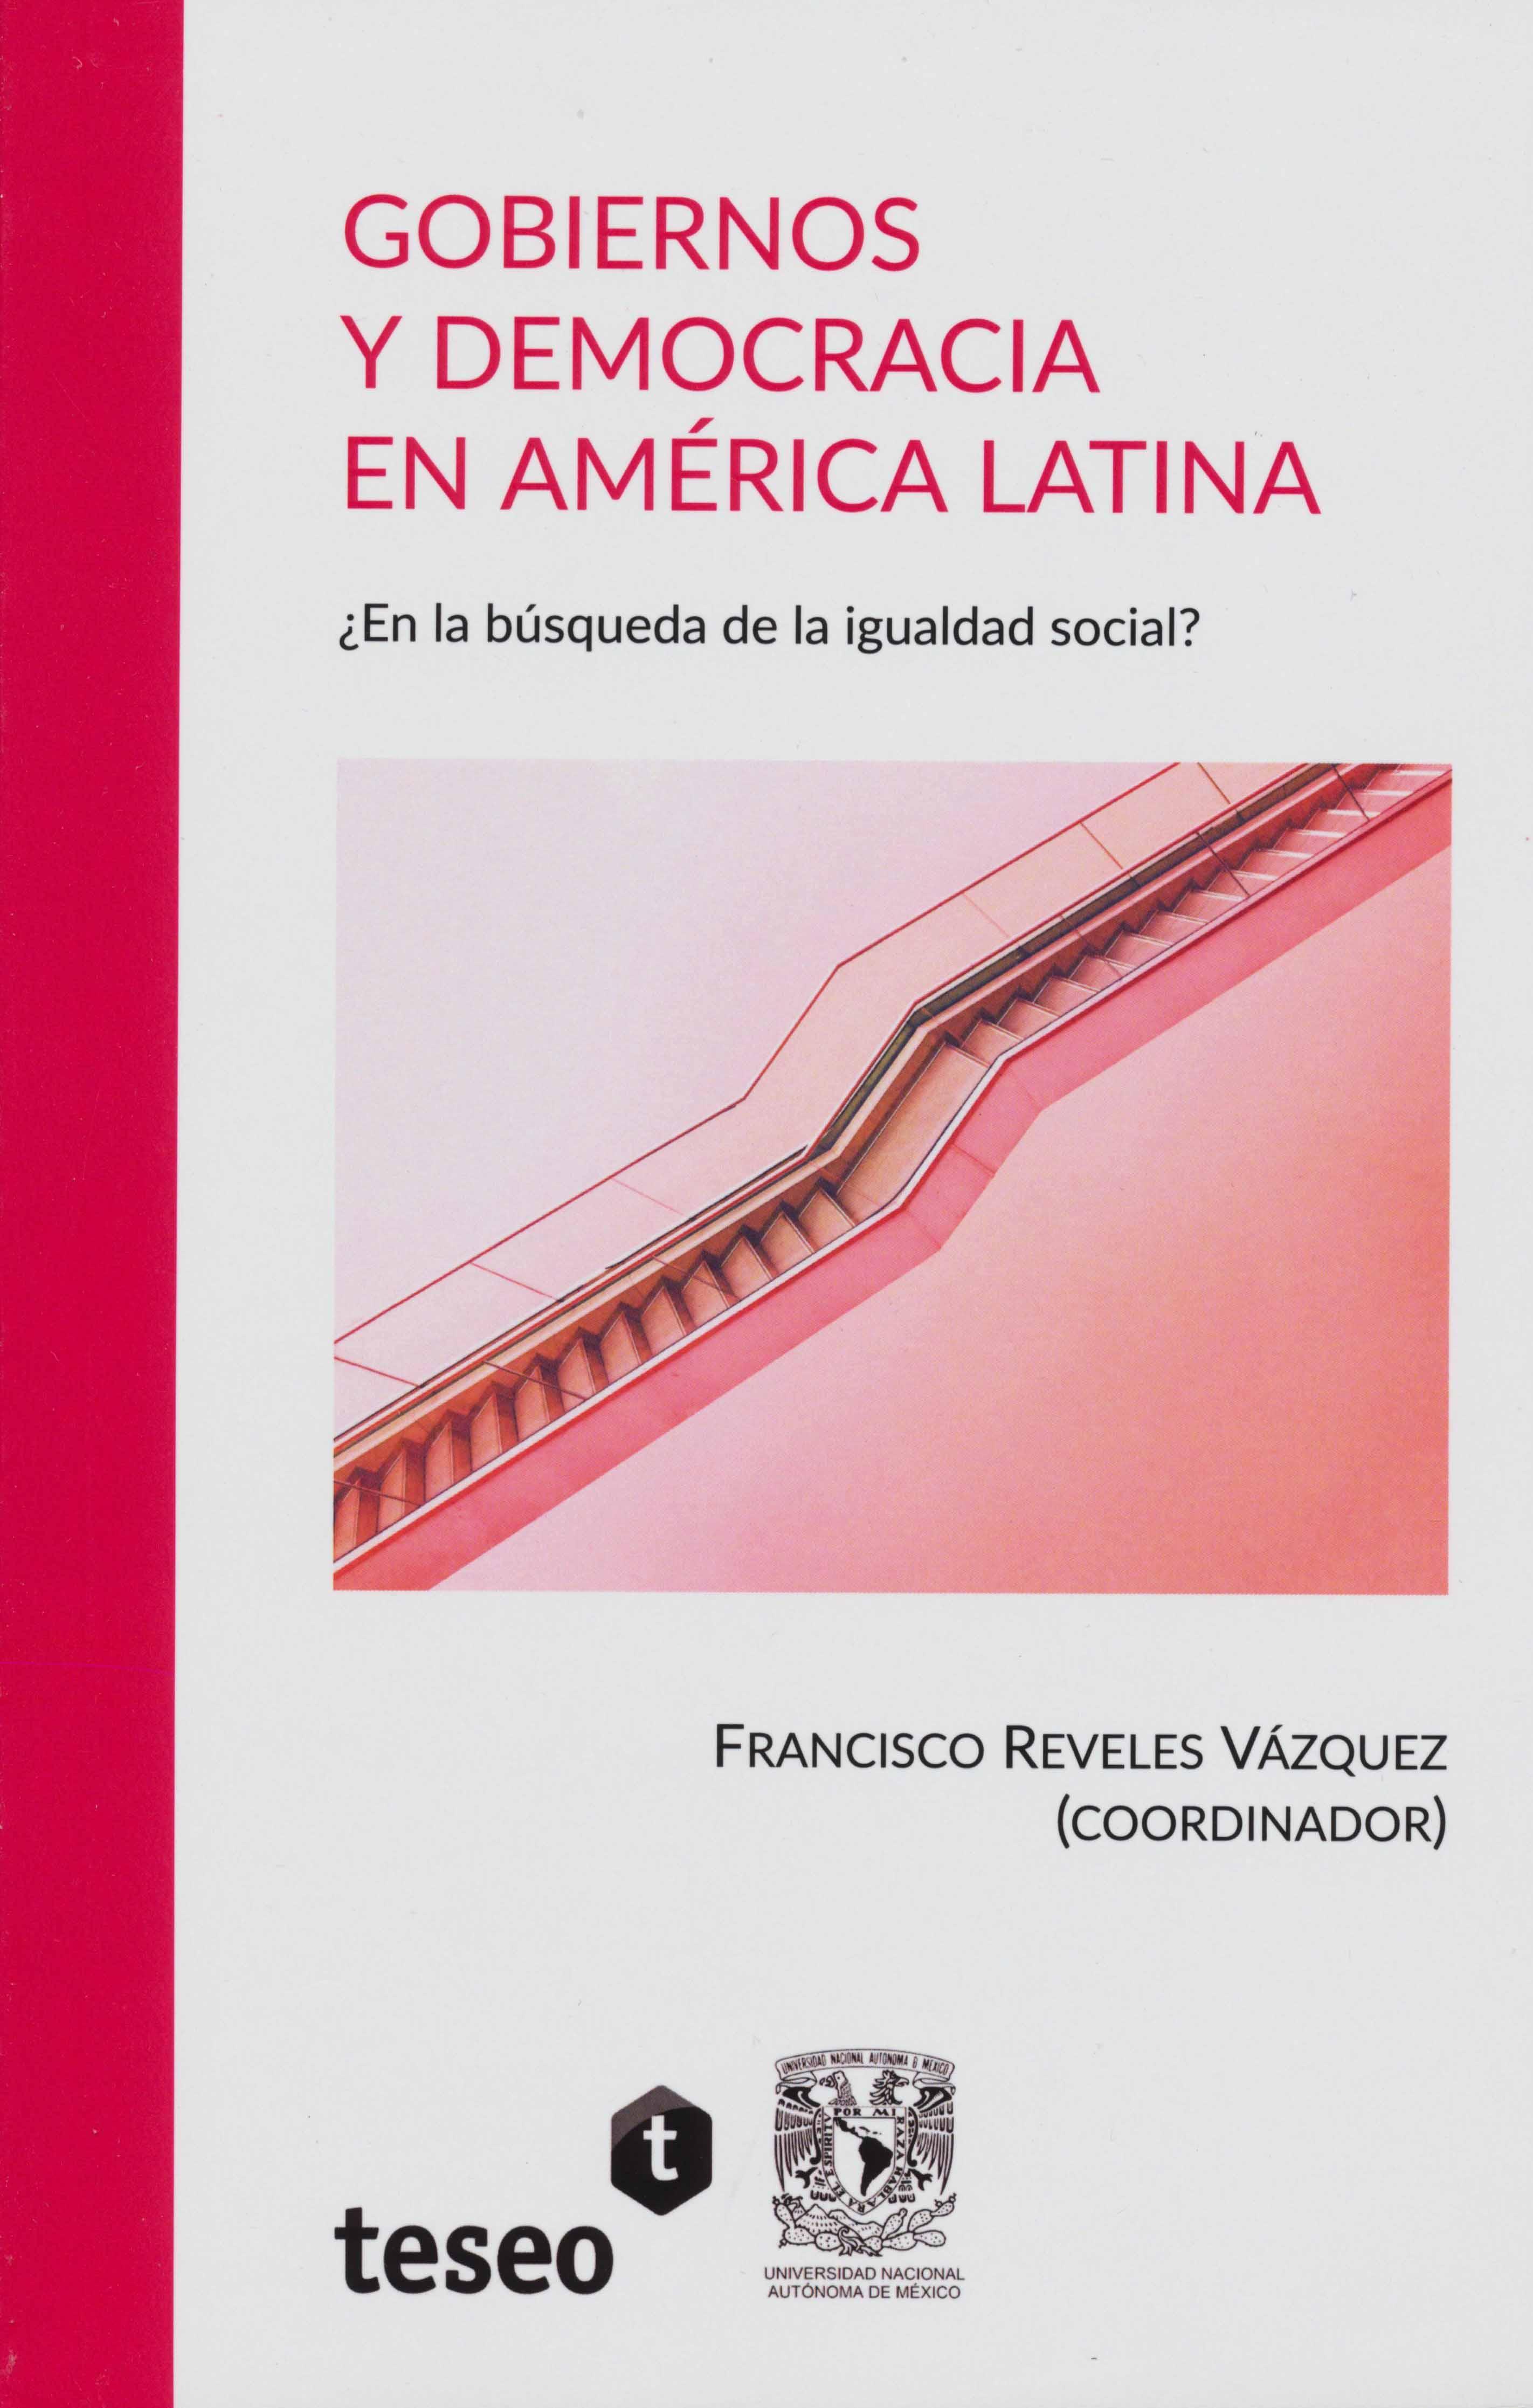 Gobierno y democracia en América Latina ¿En la búsqueda de la igualdad social?